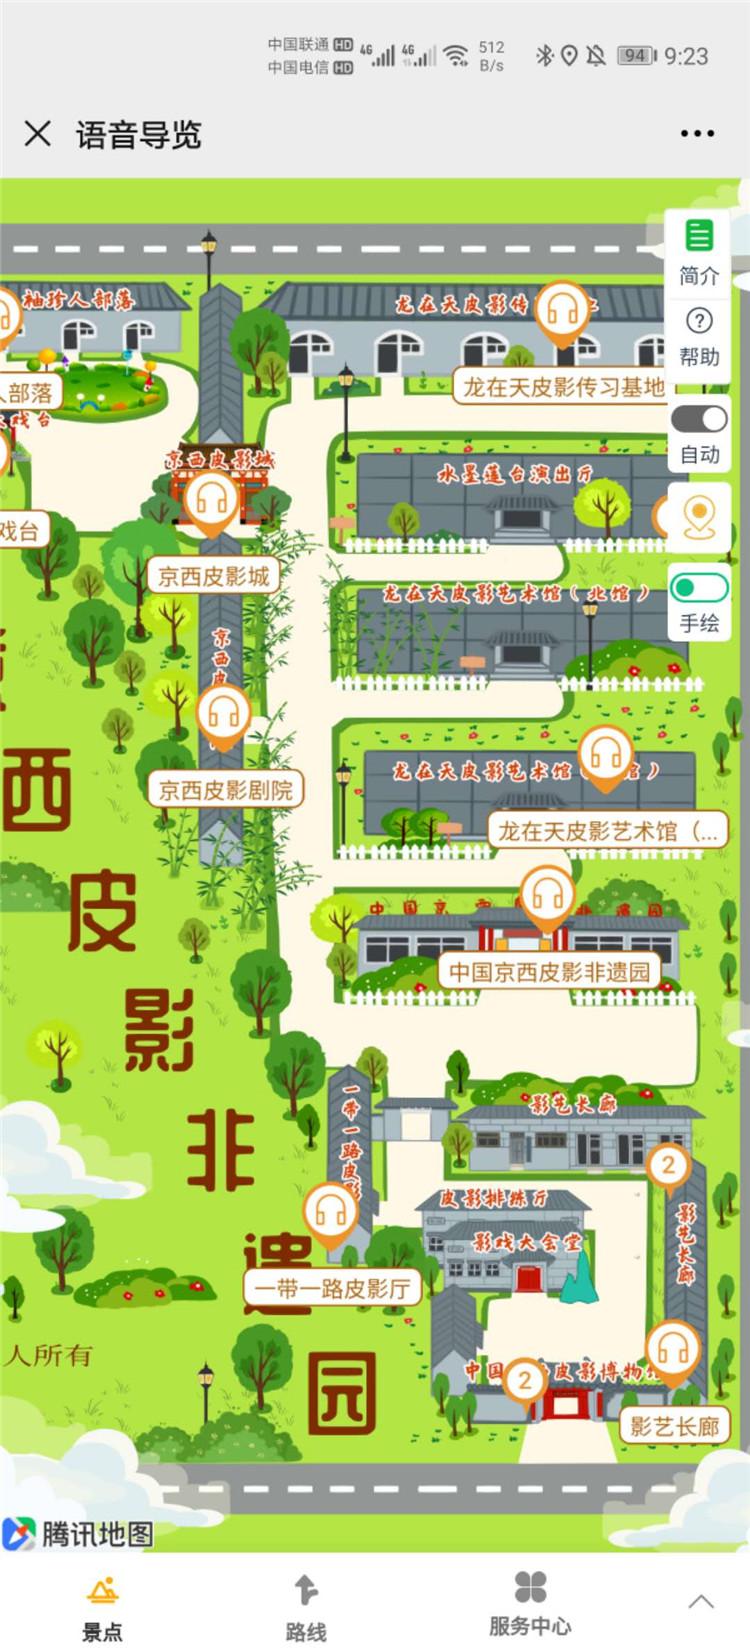 2020年北京中国京西皮影非遗园智能电子导览、语音讲解、手绘地图上线了2.jpg